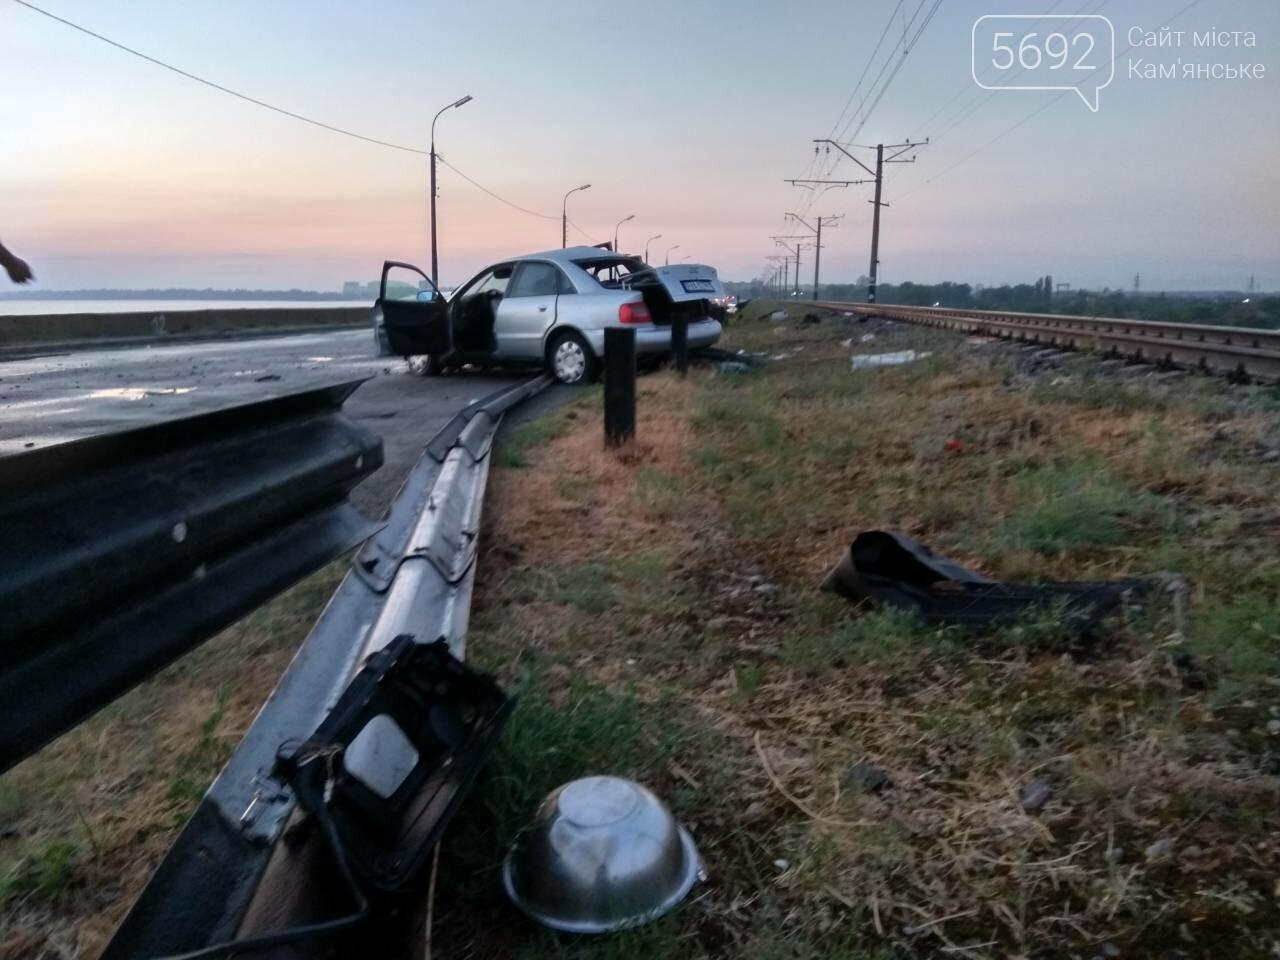 Врезались в отбойник: в Каменском в масштабном ДТП пострадали ребенок и двое взрослых, фото-3